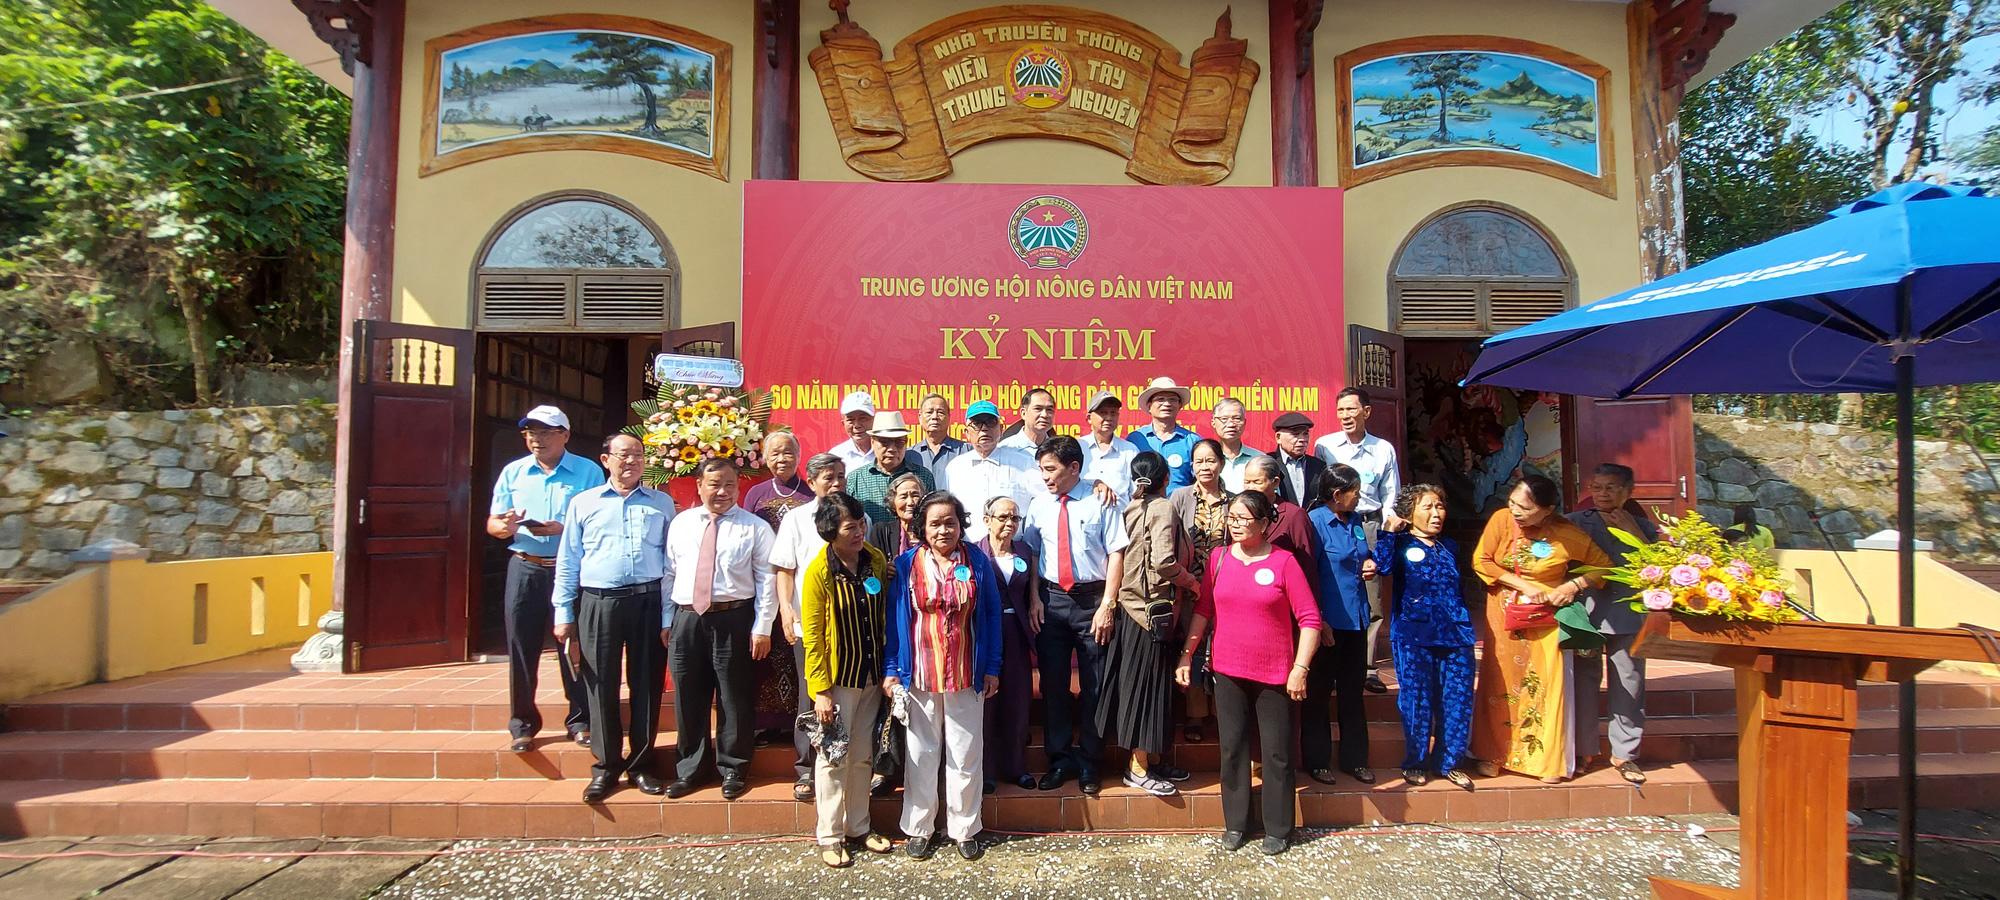 Trung ương Hội Nông dân Việt Nam về nguồn tưởng nhớ các anh hùng nông dân - Ảnh 1.